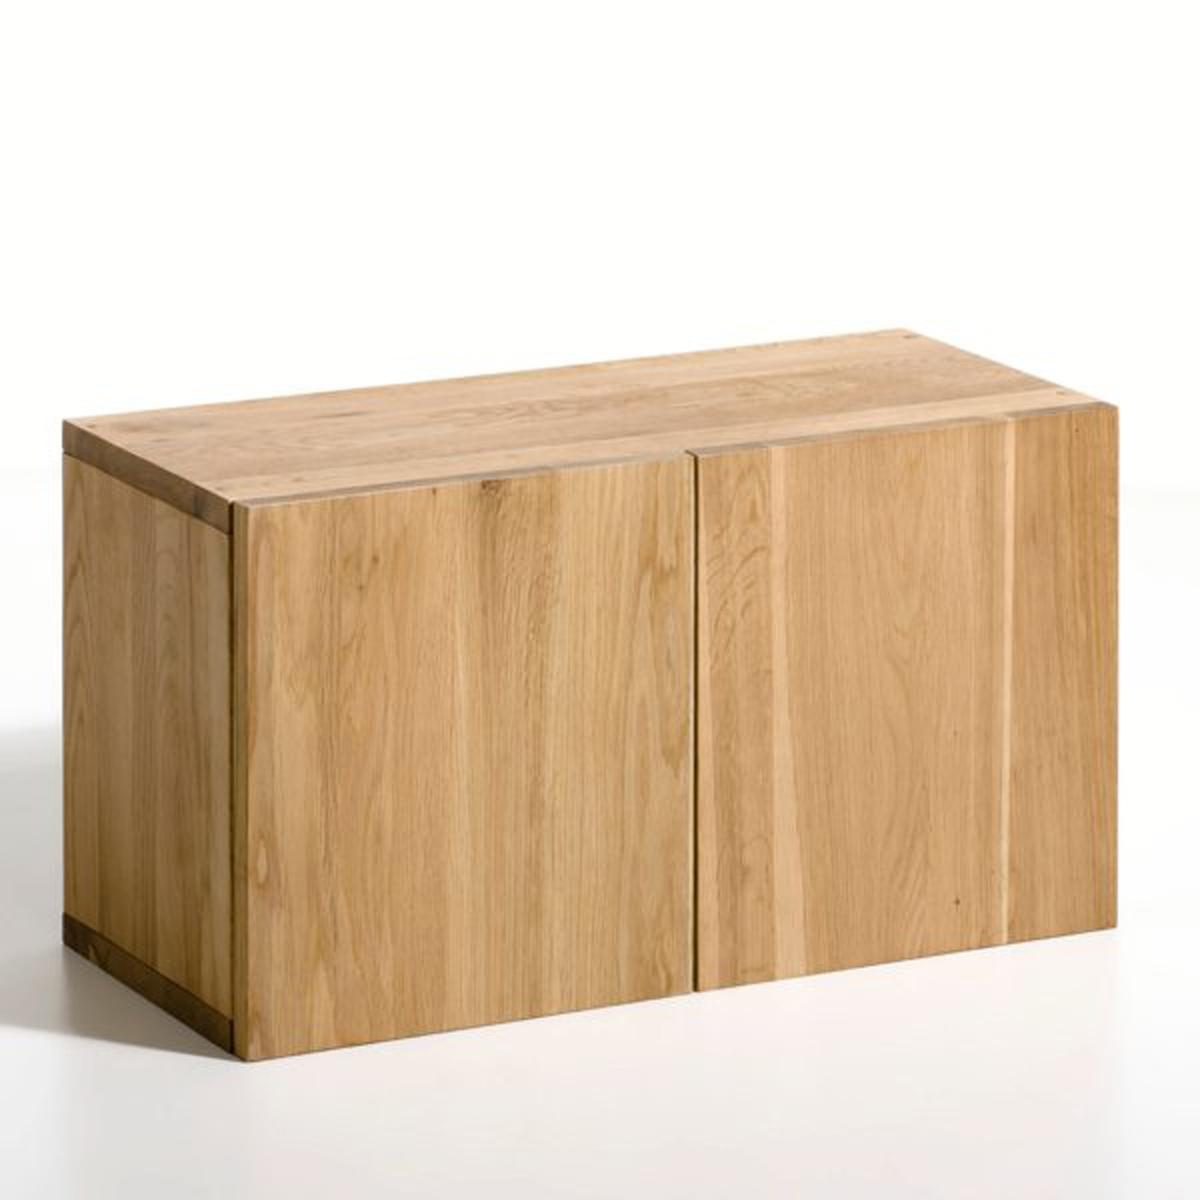 Ящик с 2 дверками длиной 60 см из массива дуба, TaktikМодулируемая система для хранения вещей, в минималистическом дизайне, создана для любых пространств.Уголковые кронштейны (в продаже на нашем сайте) позволяют регулировать высоту ящиков по вашему усмотрению и обеспечивают надежное крепление.Стойки, уголковые кронштейны, этажерки, ящики: продаются отдельно.Характеристики:- Из массива дуба.- Поставляется готовым к сборке, инструкция прилагается.Размеры:- Д.60 x Г.25 x В.38 см.Размеры и вес упаковки: - Д.69,5 x В.13,5 x Г.45,5 см, 12 кг.<br><br>Цвет: натуральный дуб